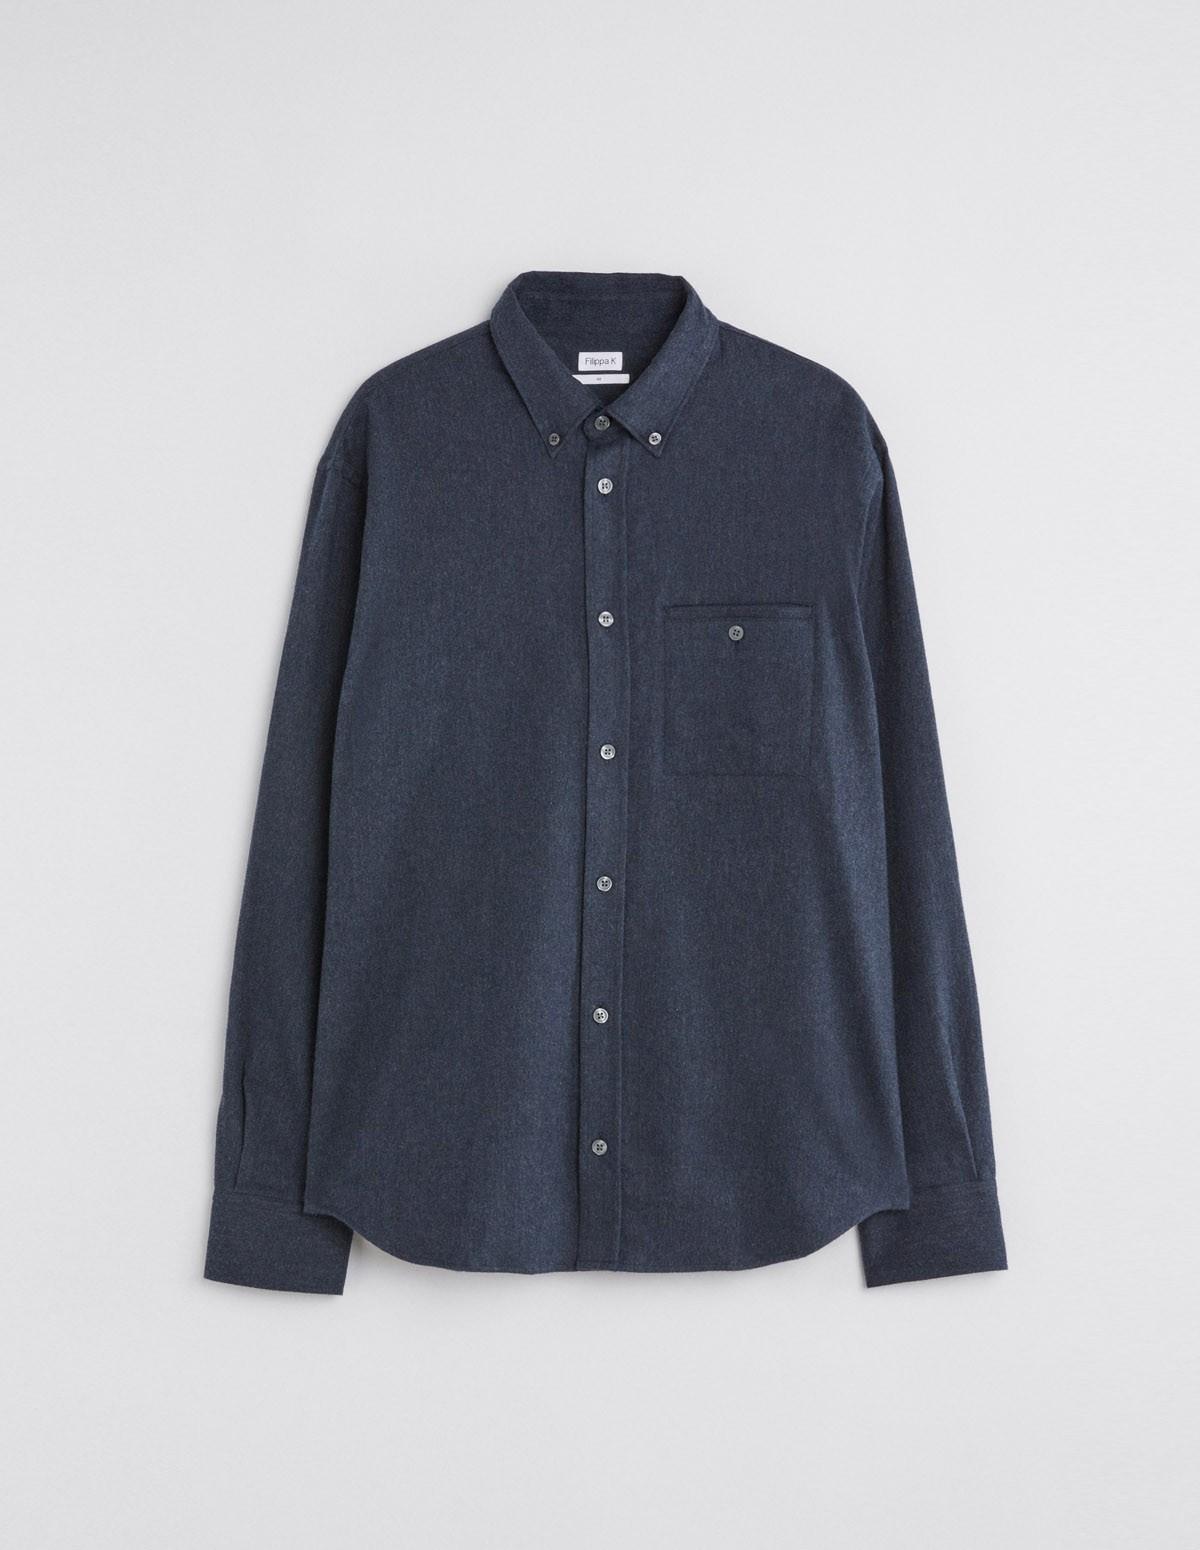 Fk Zachary Flannel Shirt - DARK BLUE